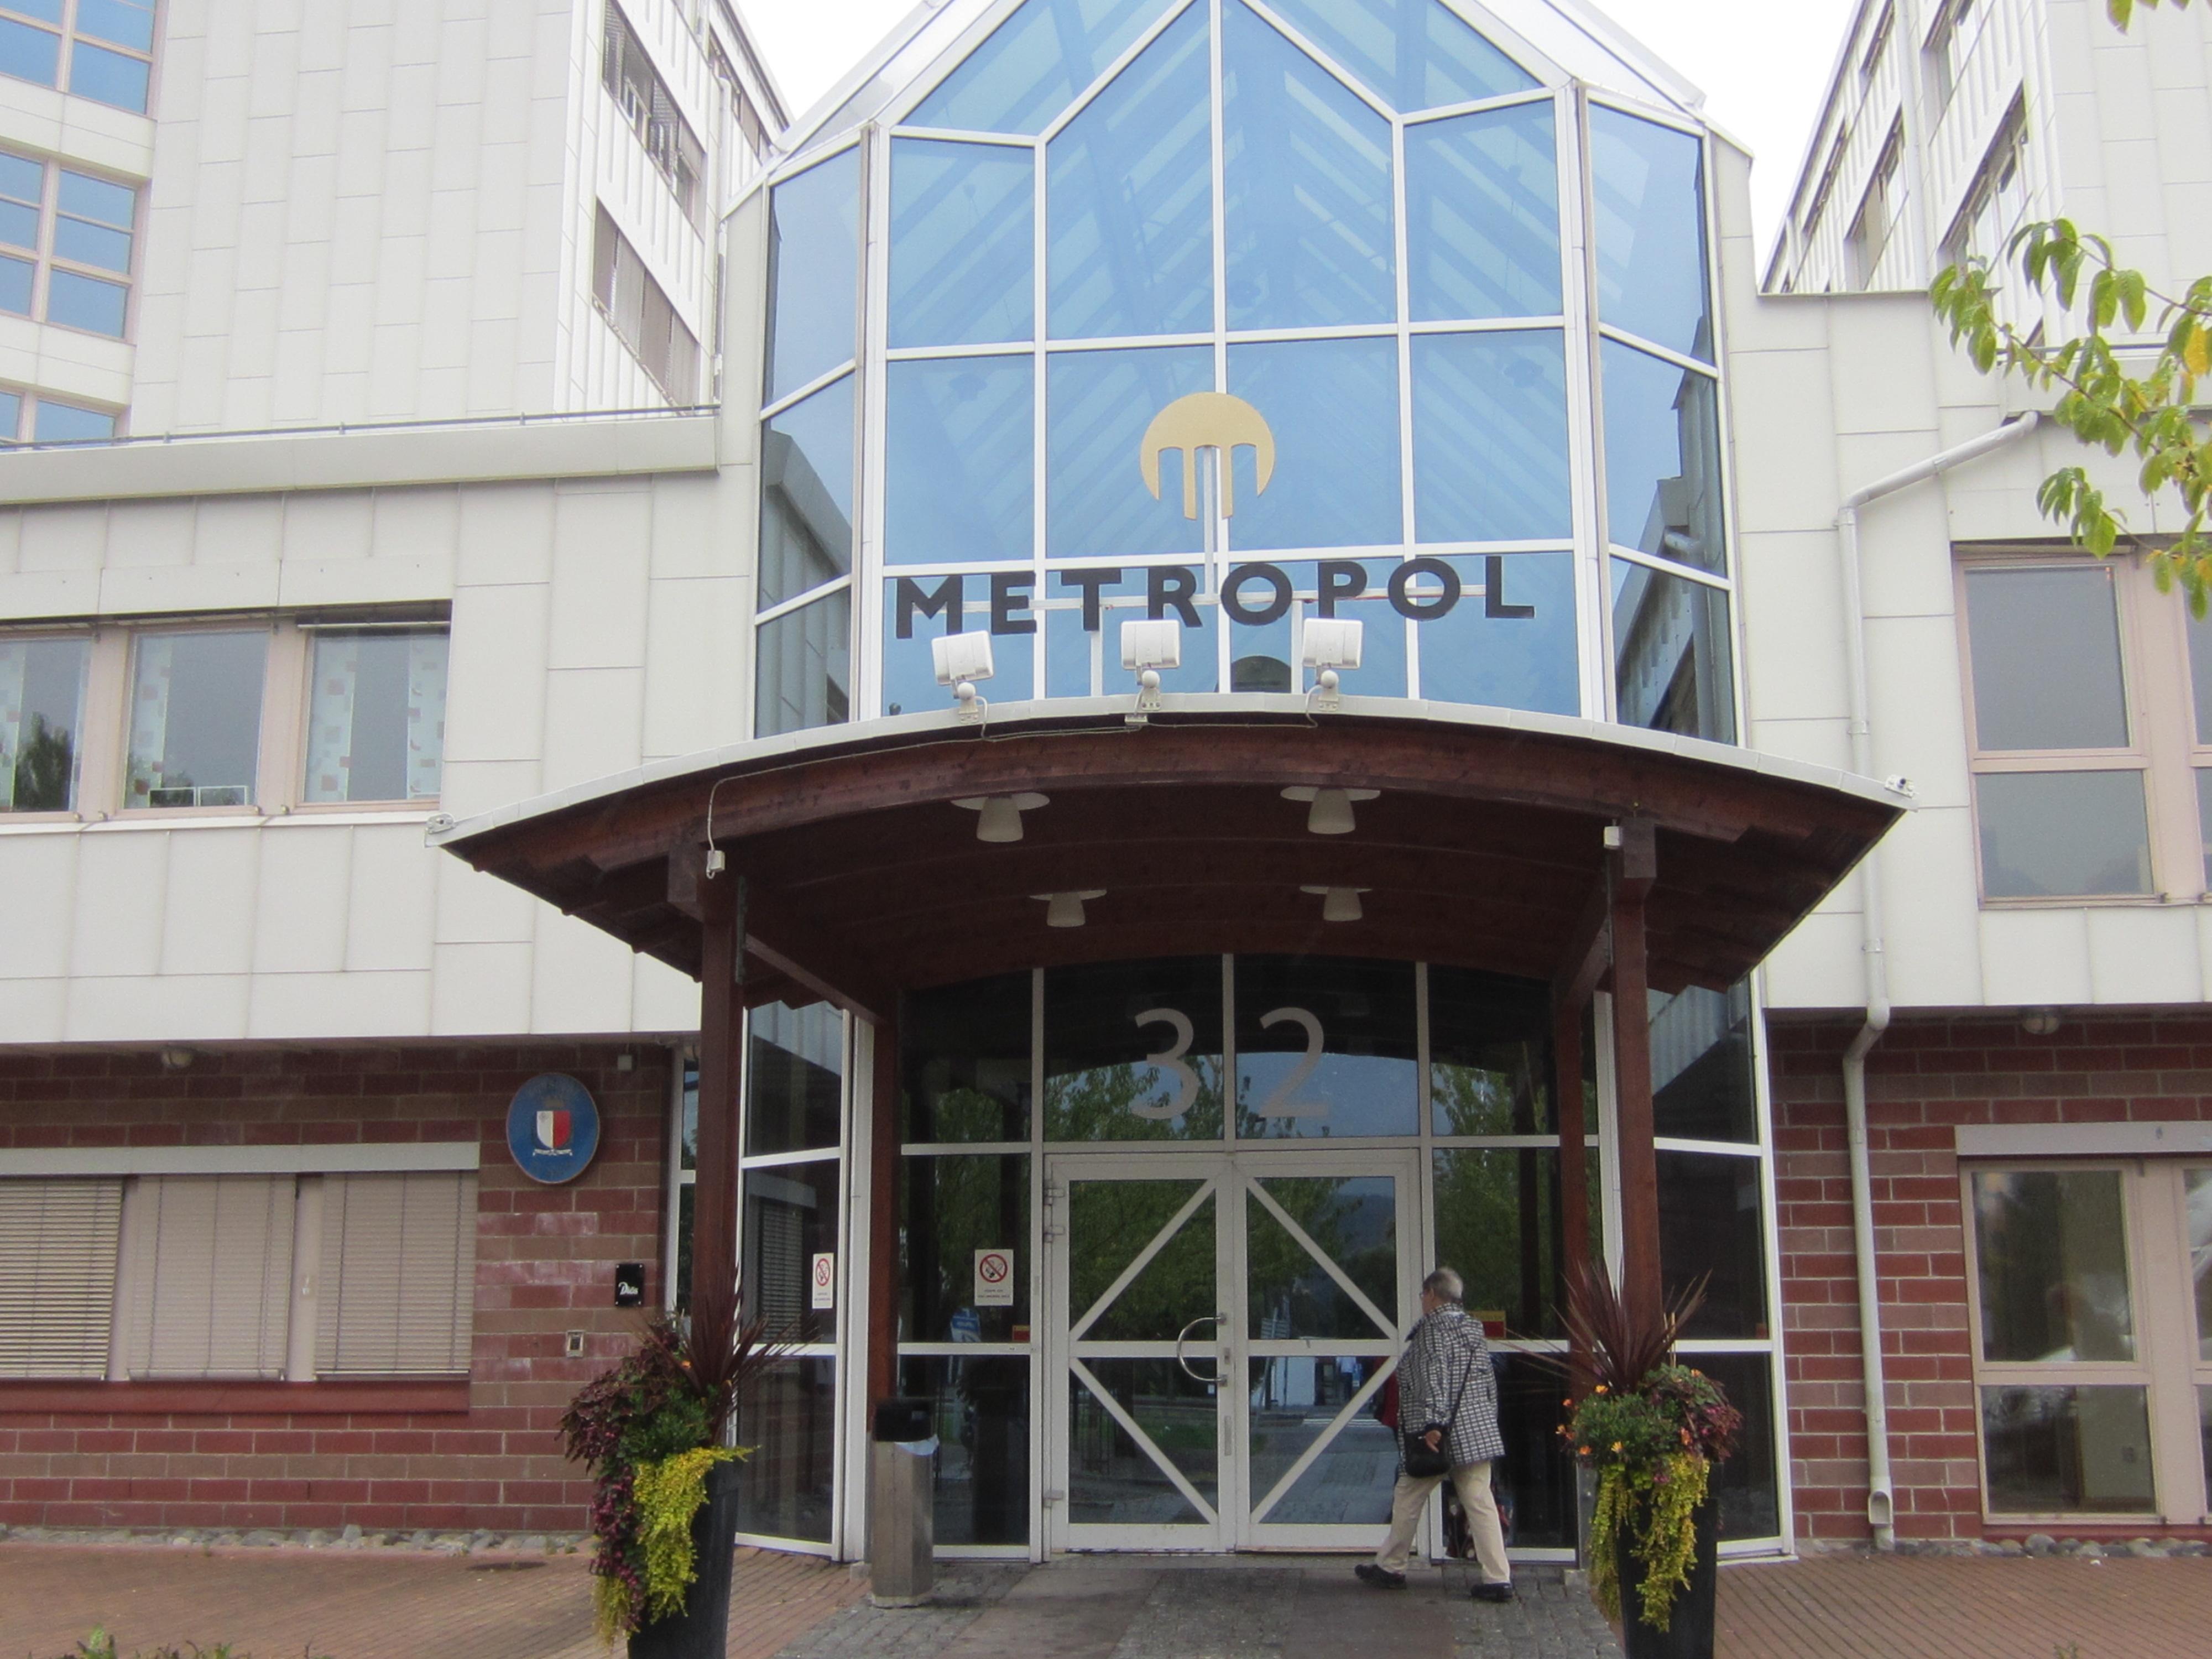 Metropolhusets entré med glasdörrar och en glashall innanför.